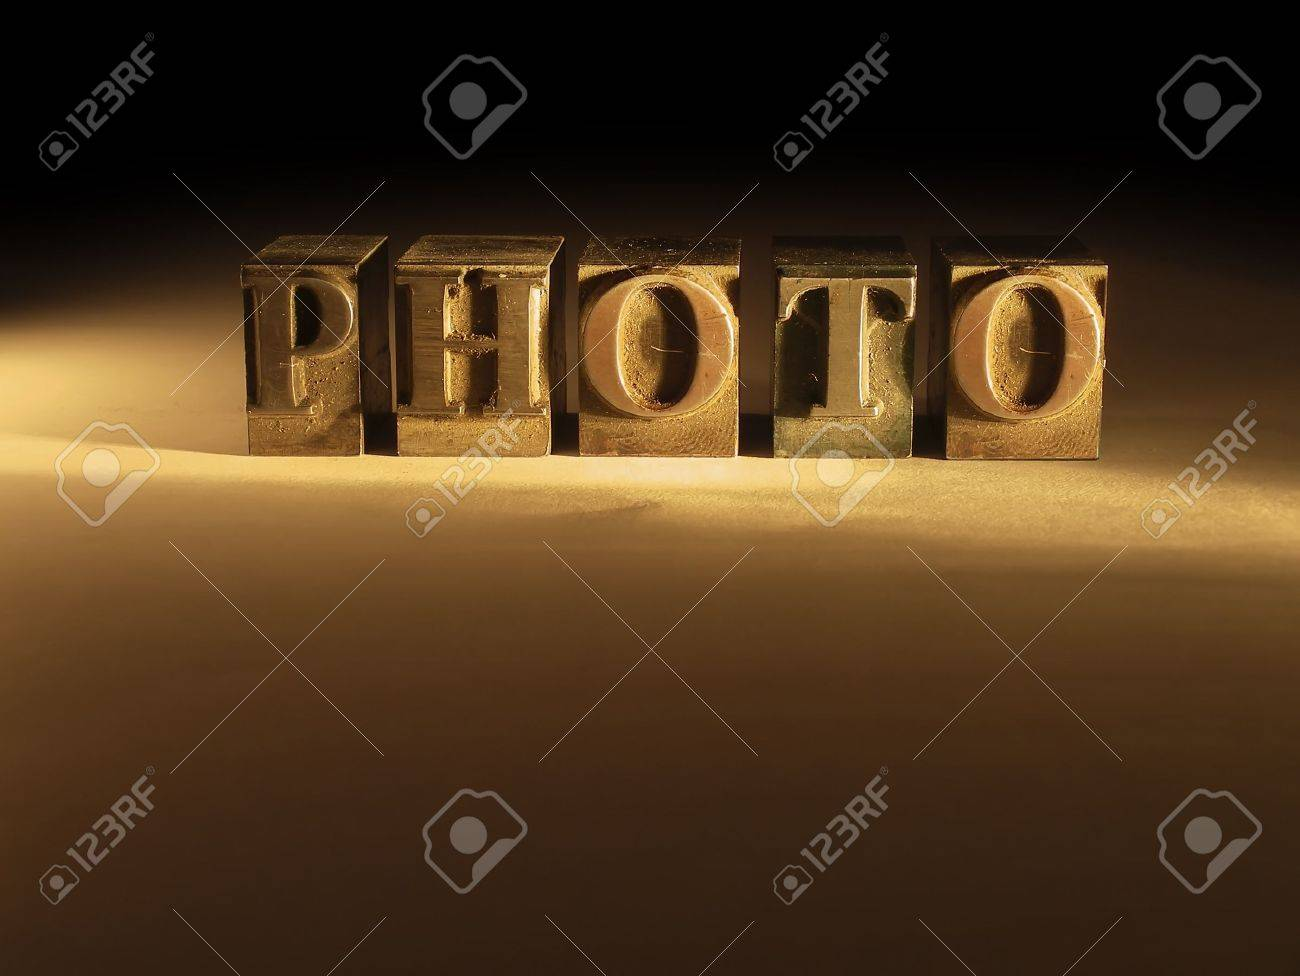 Photo - 446312